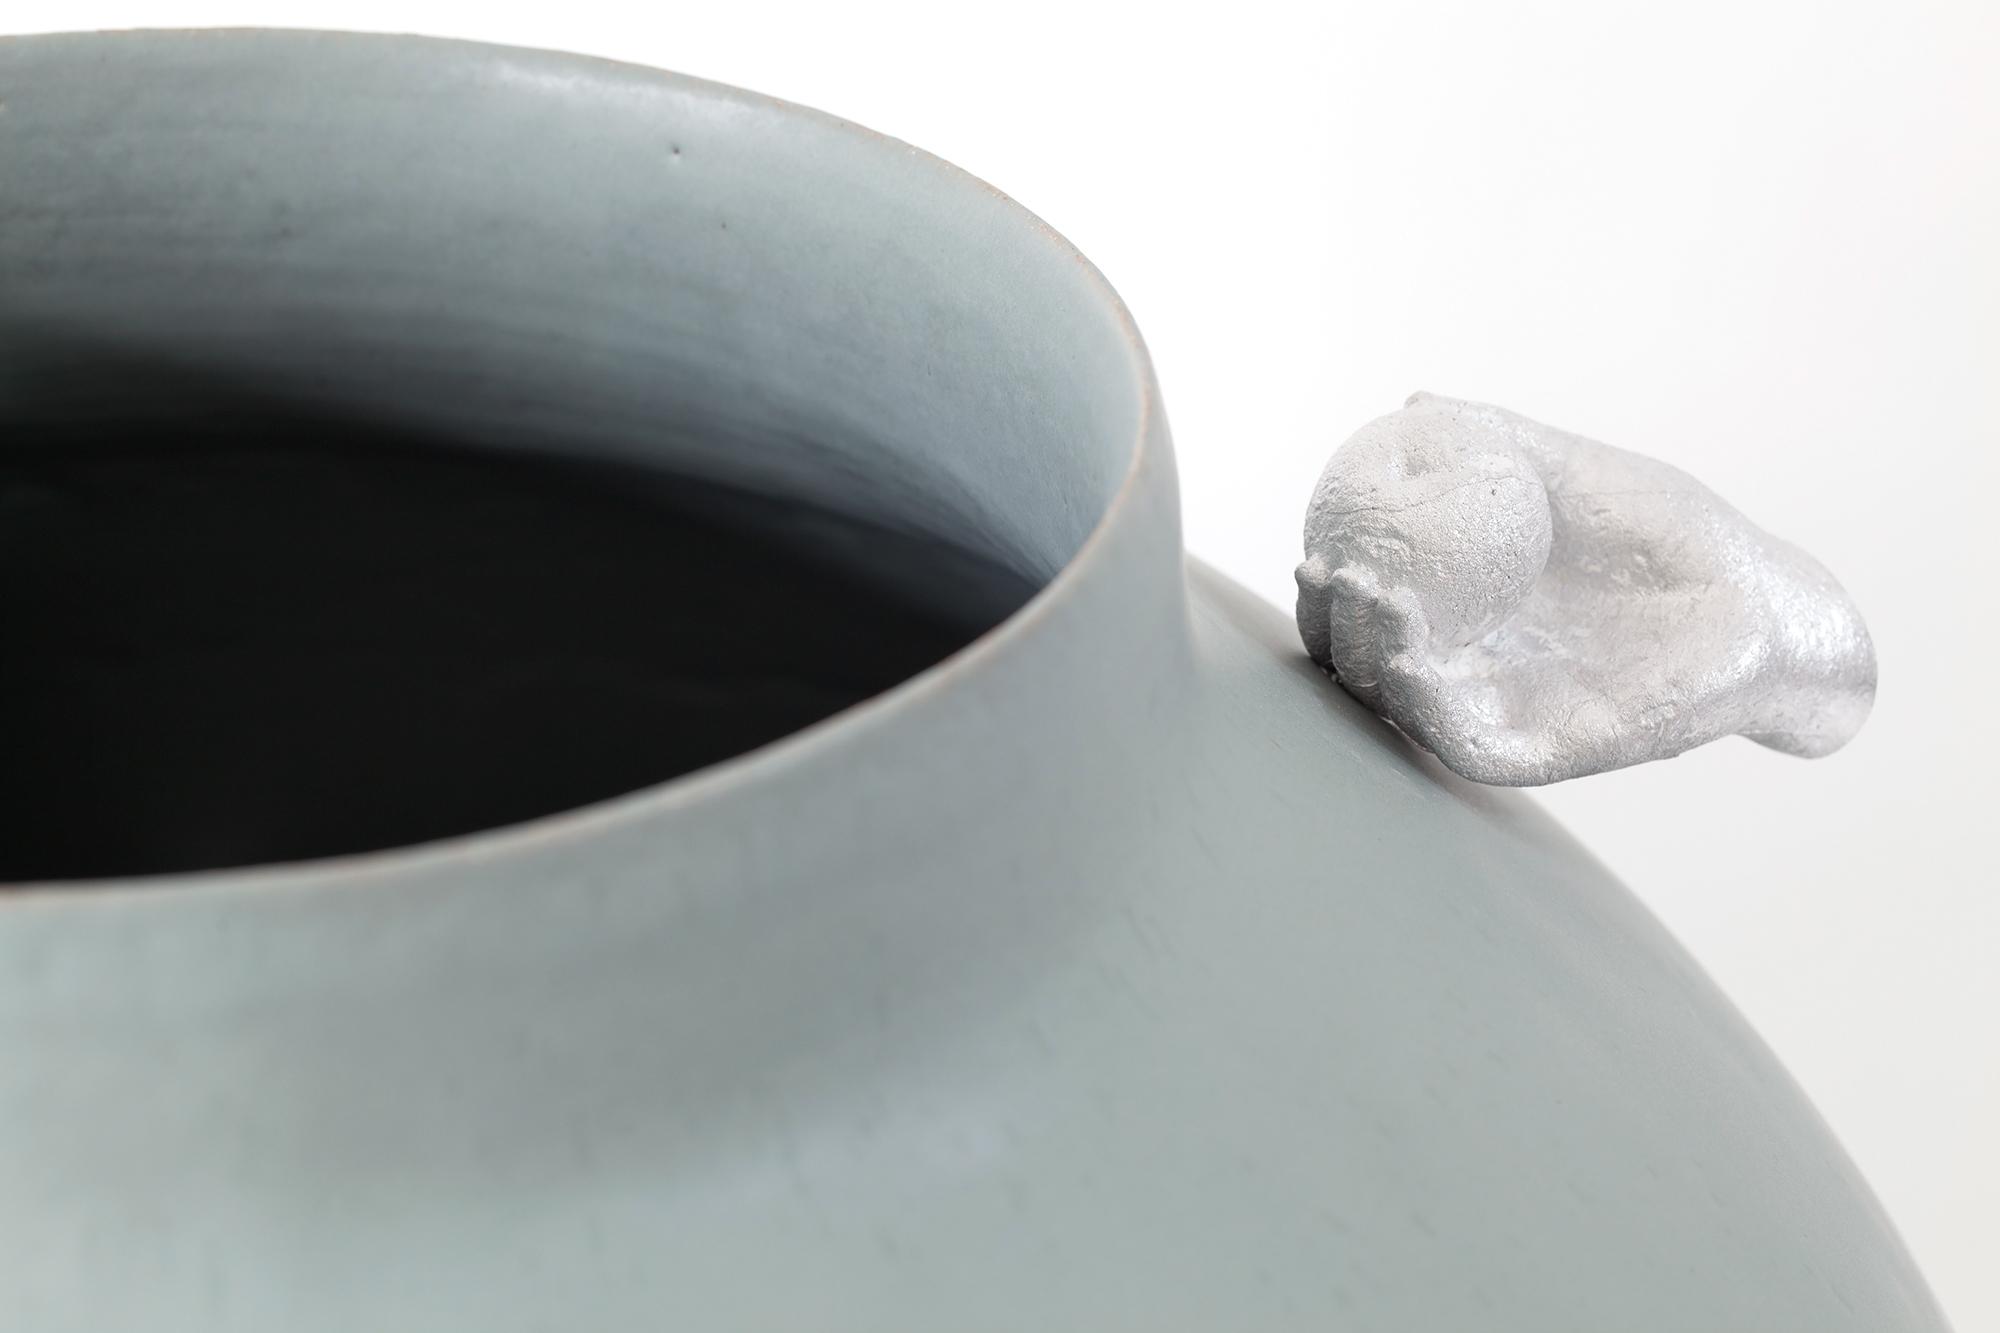 Del Harrow, vase (alum) 02, 2021